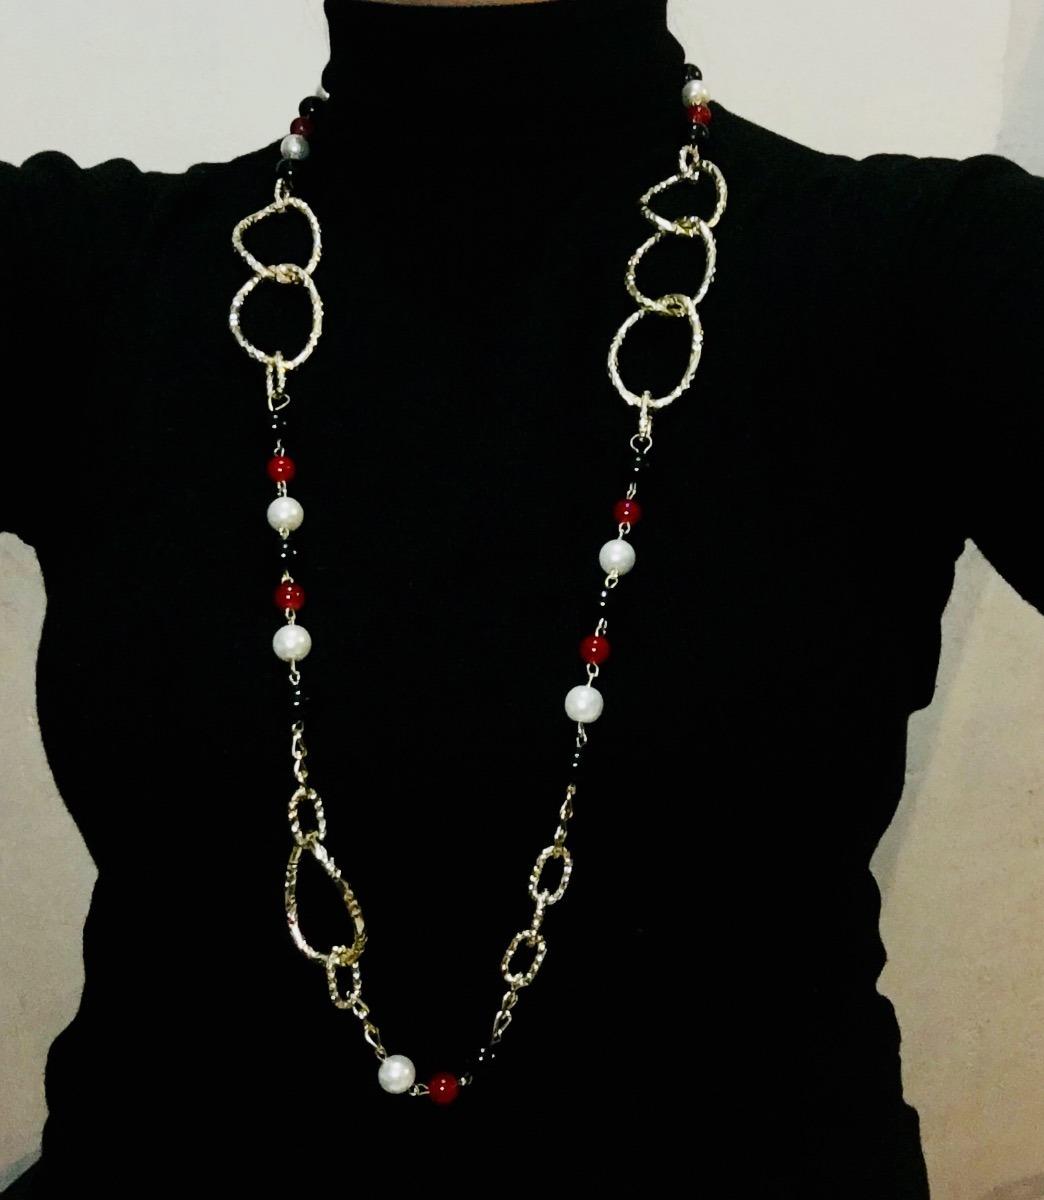 896261f0d248 Collar Largo De Moda Con Perlas De Cristal Y Cadenas -   280.00 en ...